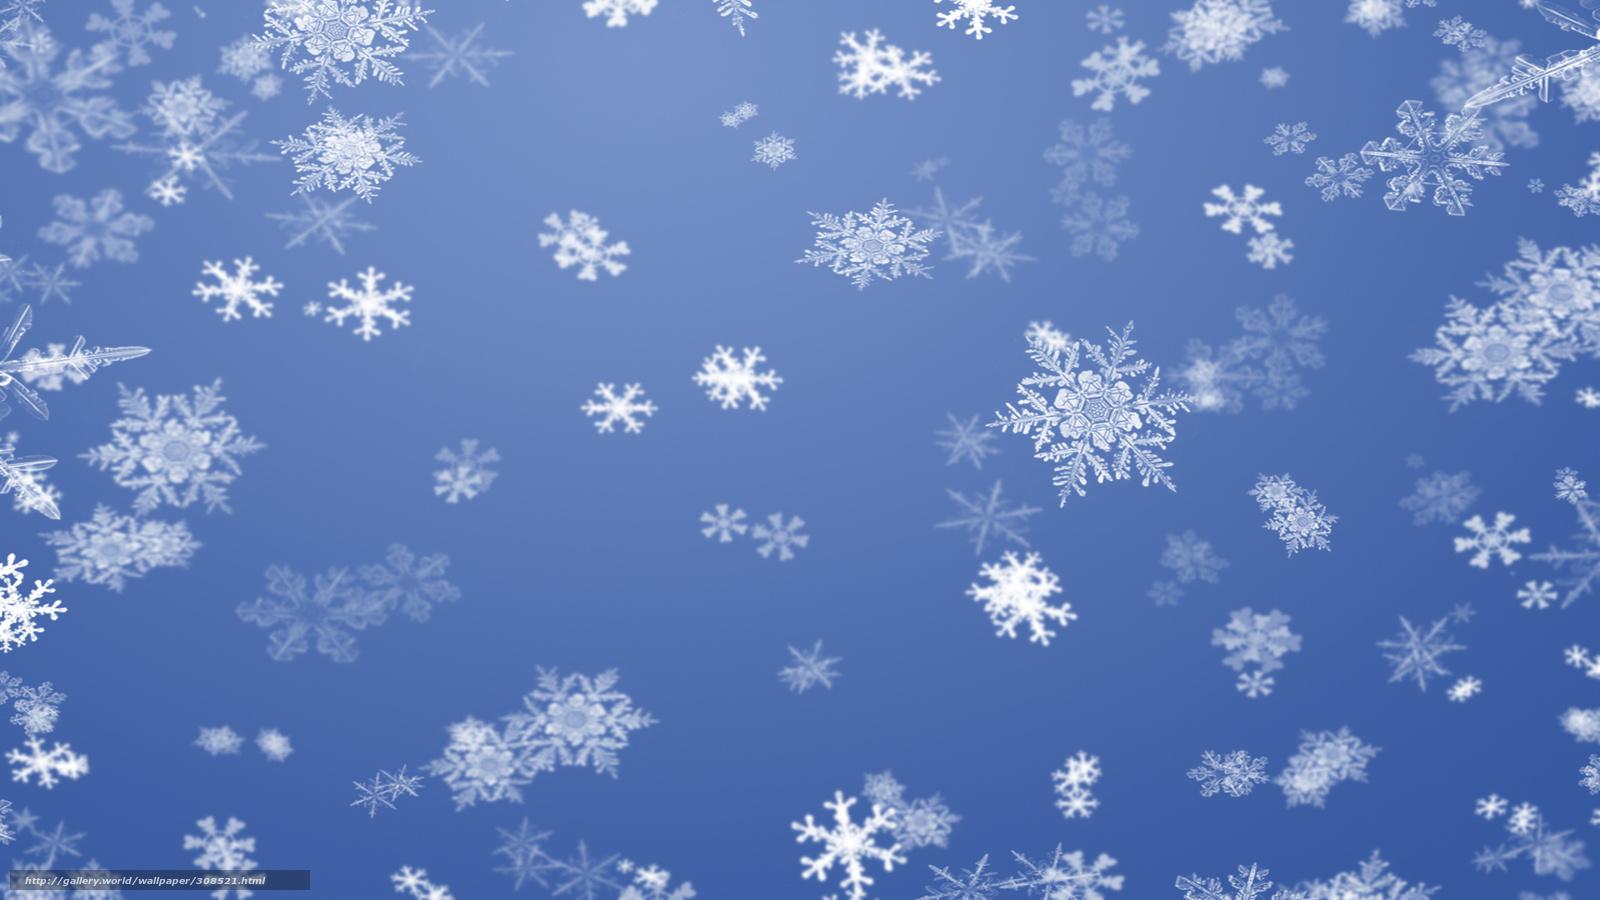 Scaricare gli sfondi neve fiocchi di neve sfondo sfondi for Immagini invernali per desktop gratis